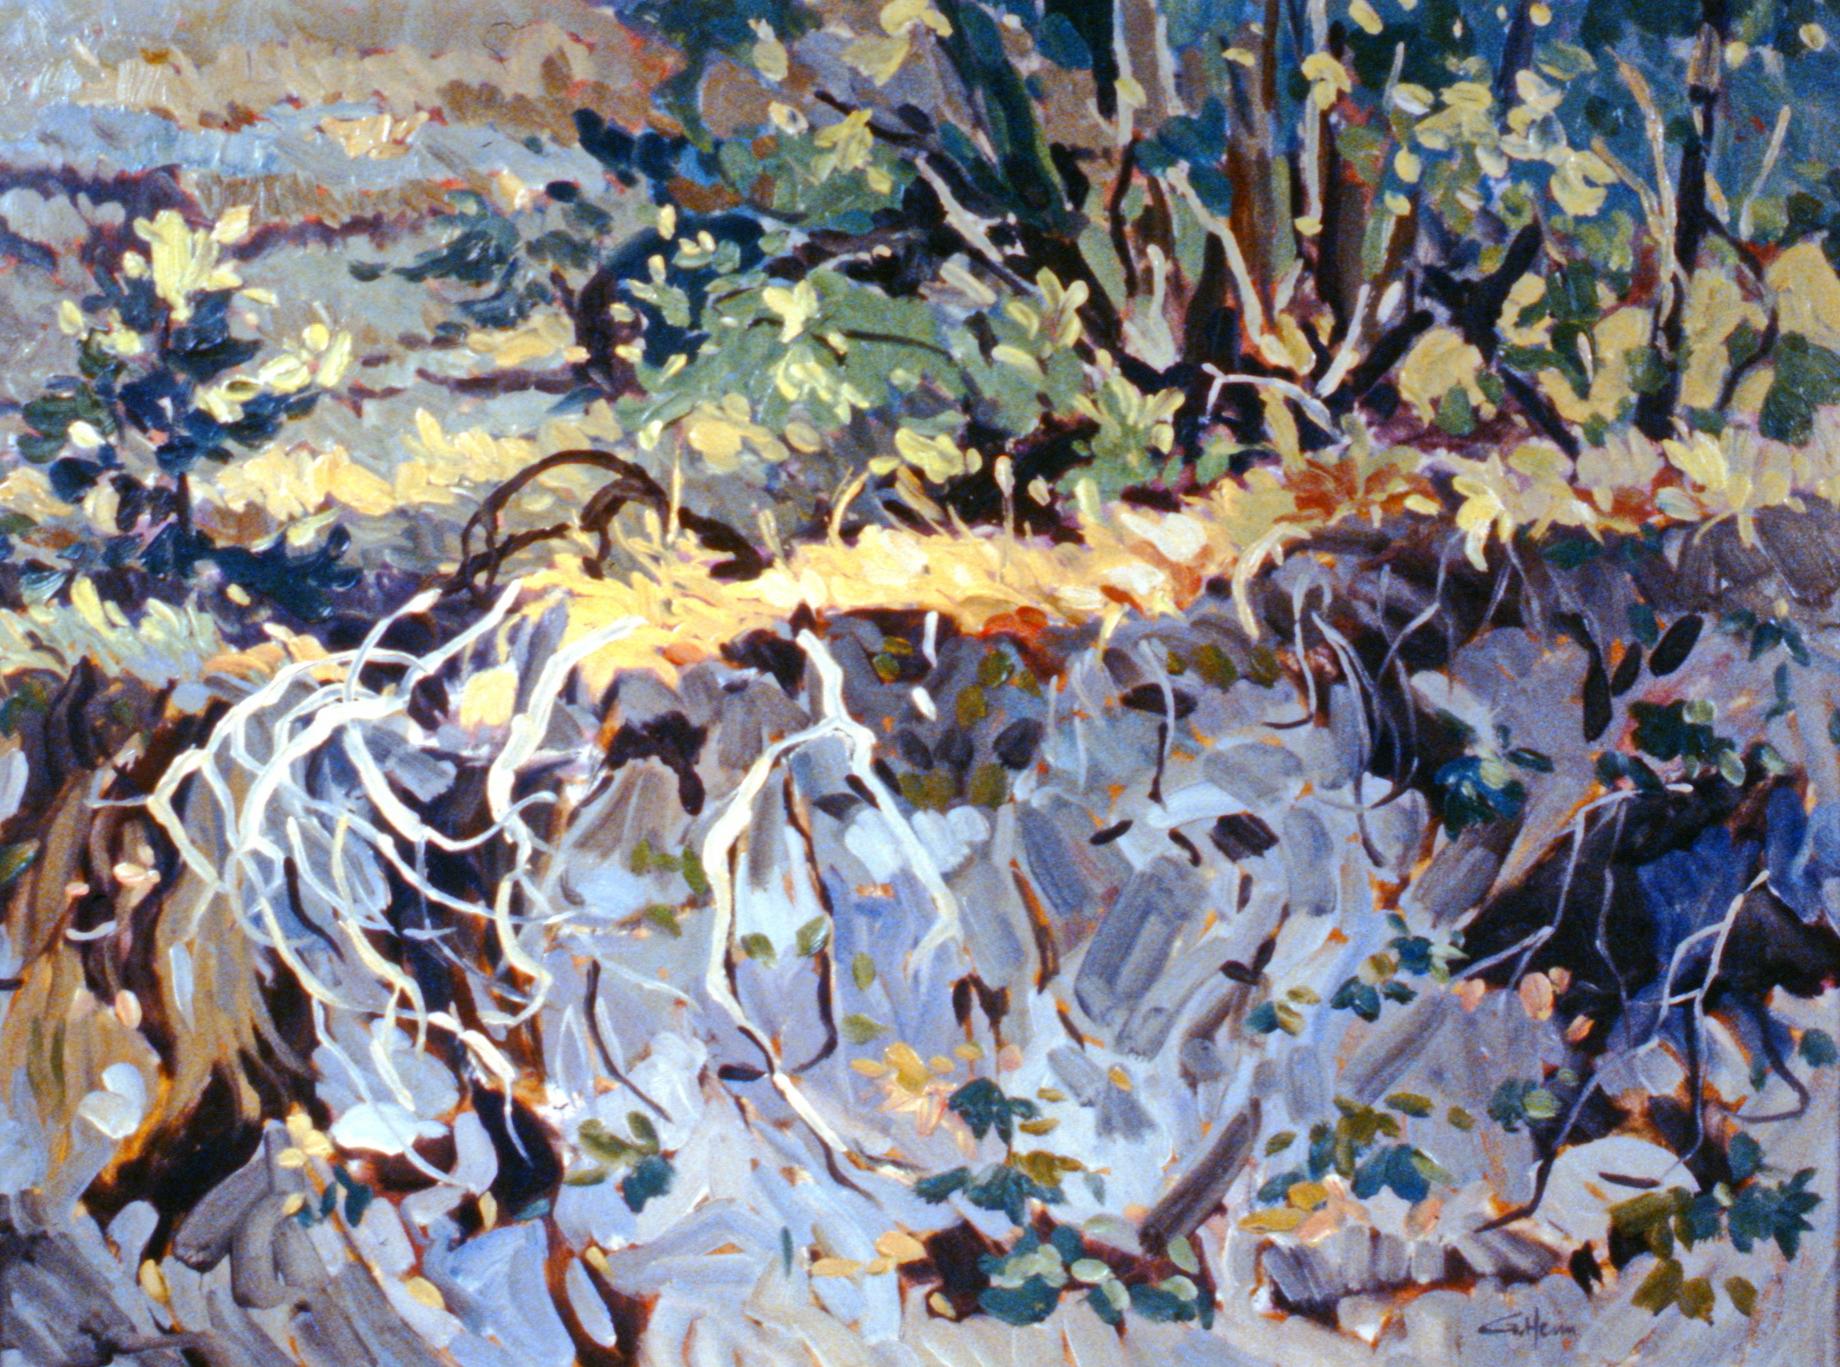 Sun Flecks , 1980, Guenter Heim, oil on panel, 61 x 45.7 cm, 1981.03.01. Gift of the artist.